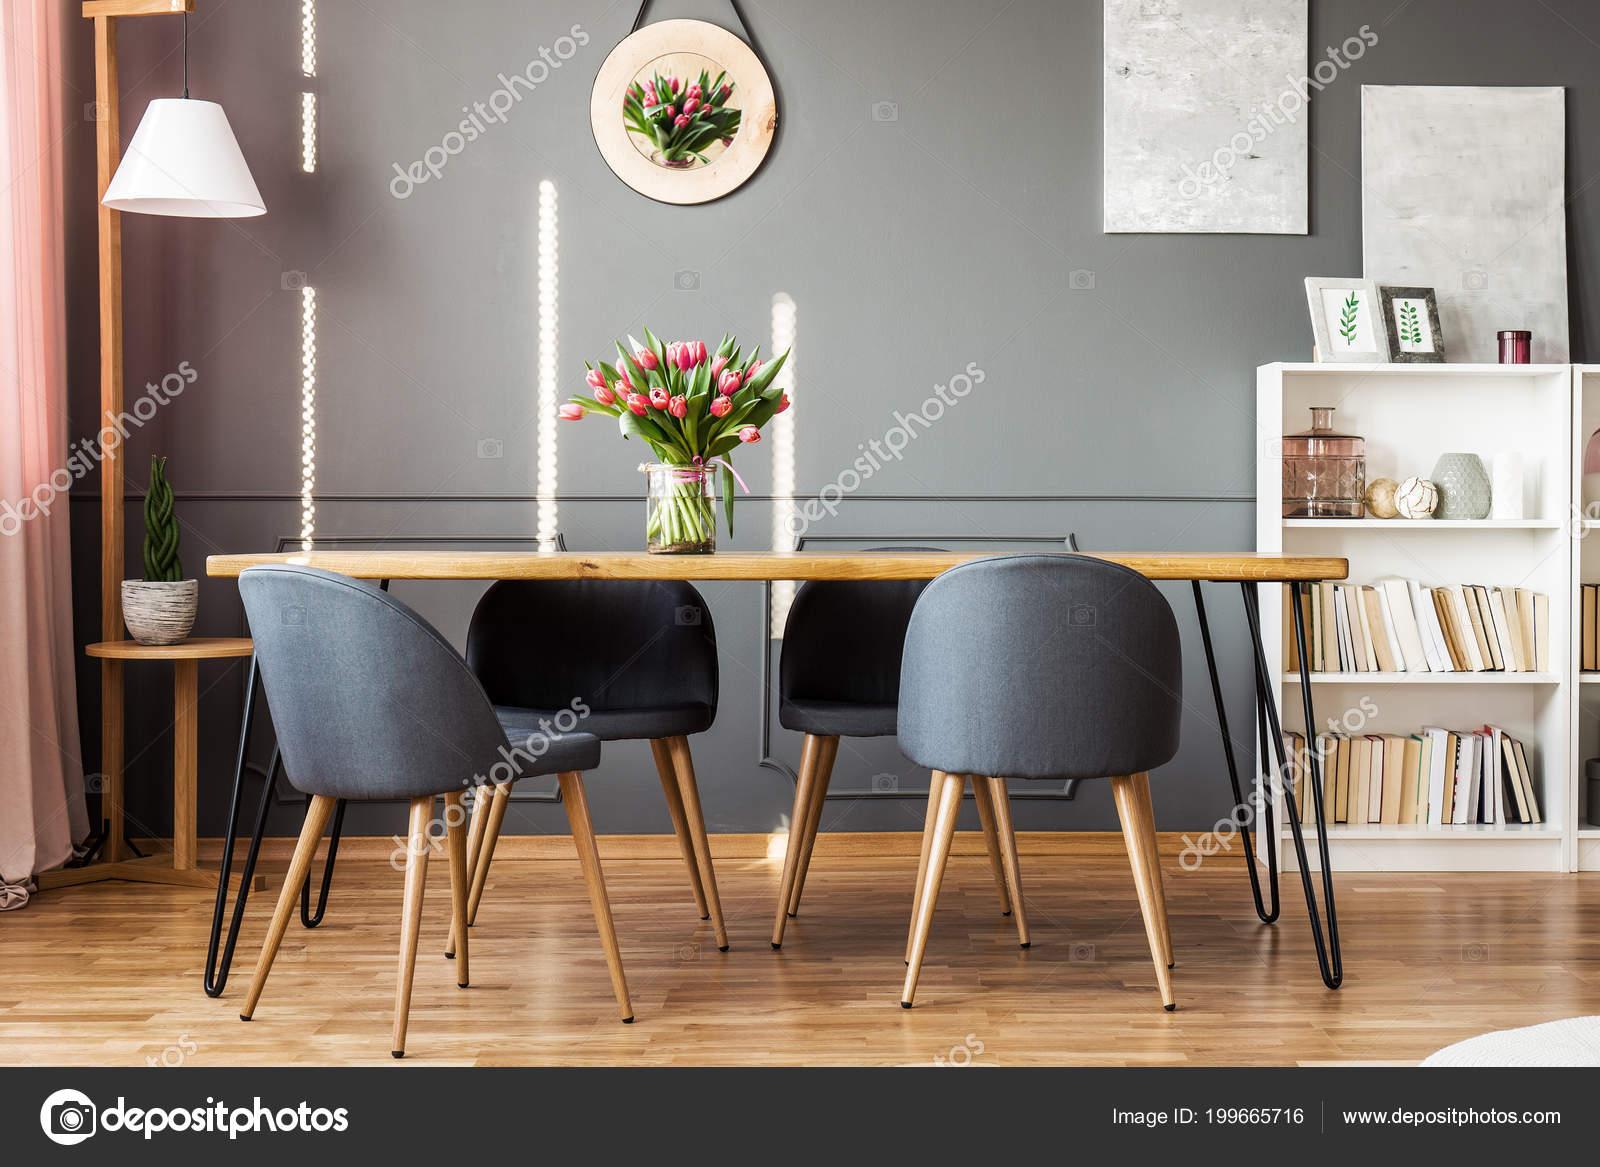 Tavolo pranzo legno sedie grigi bookshelf tulipani dentellare sala